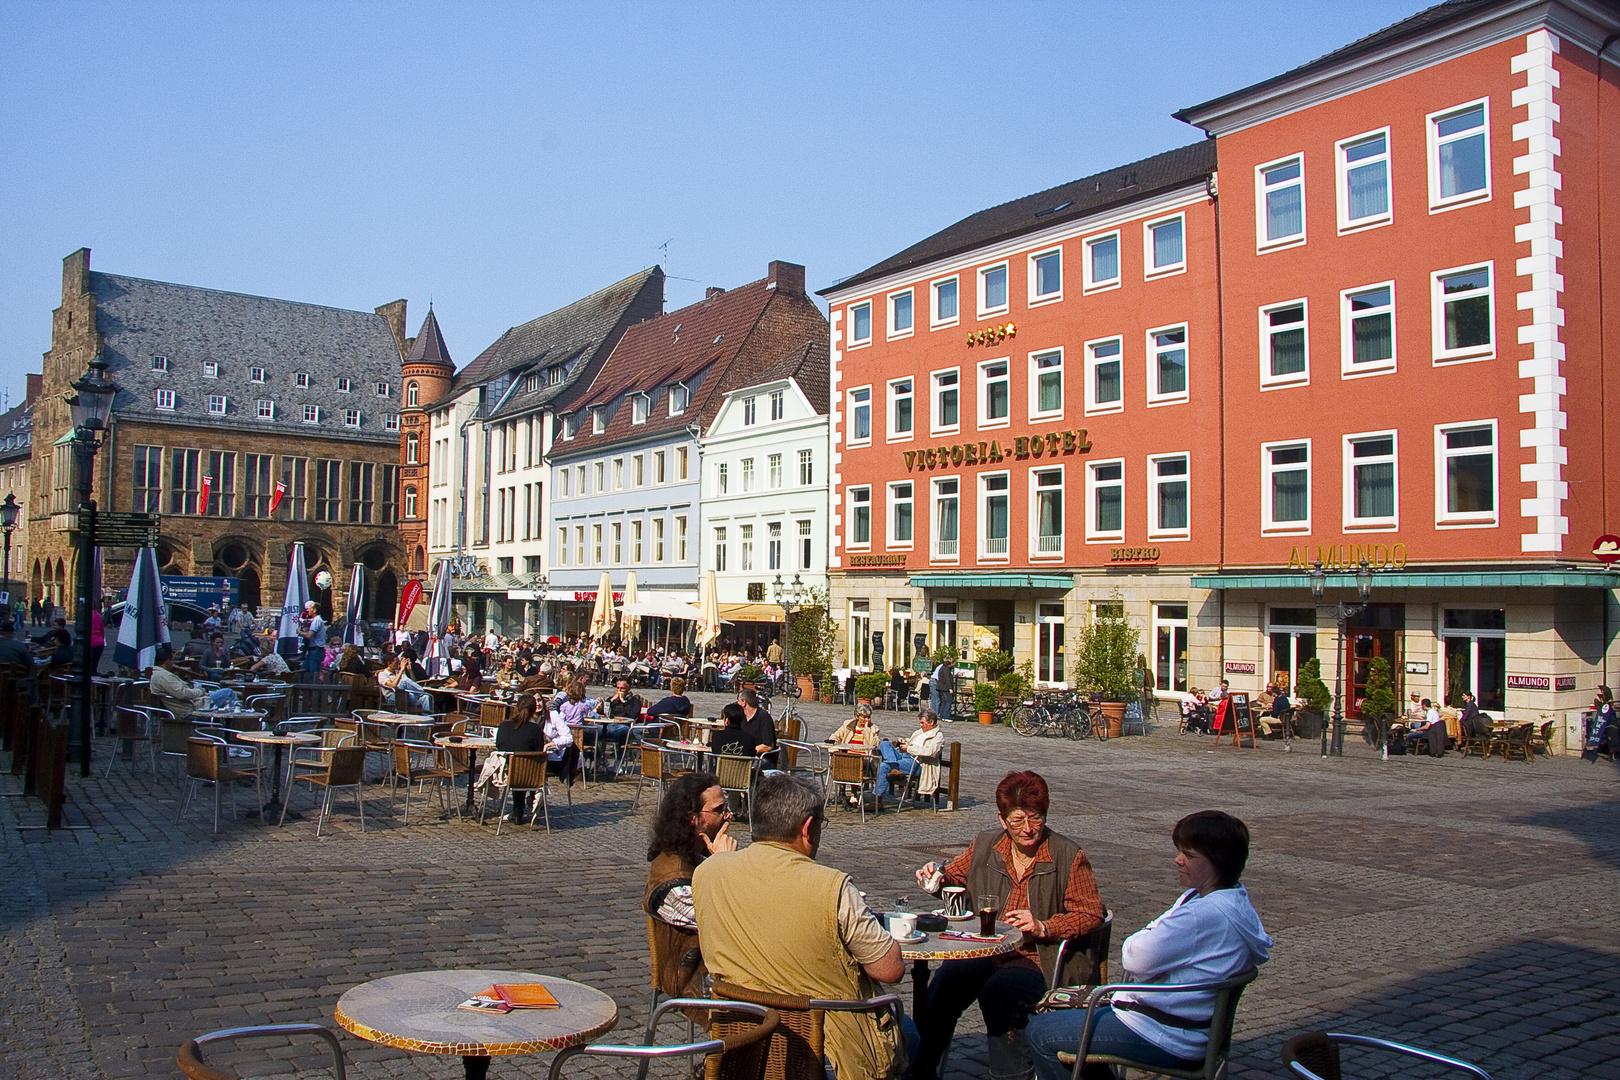 Marktplatz Minden